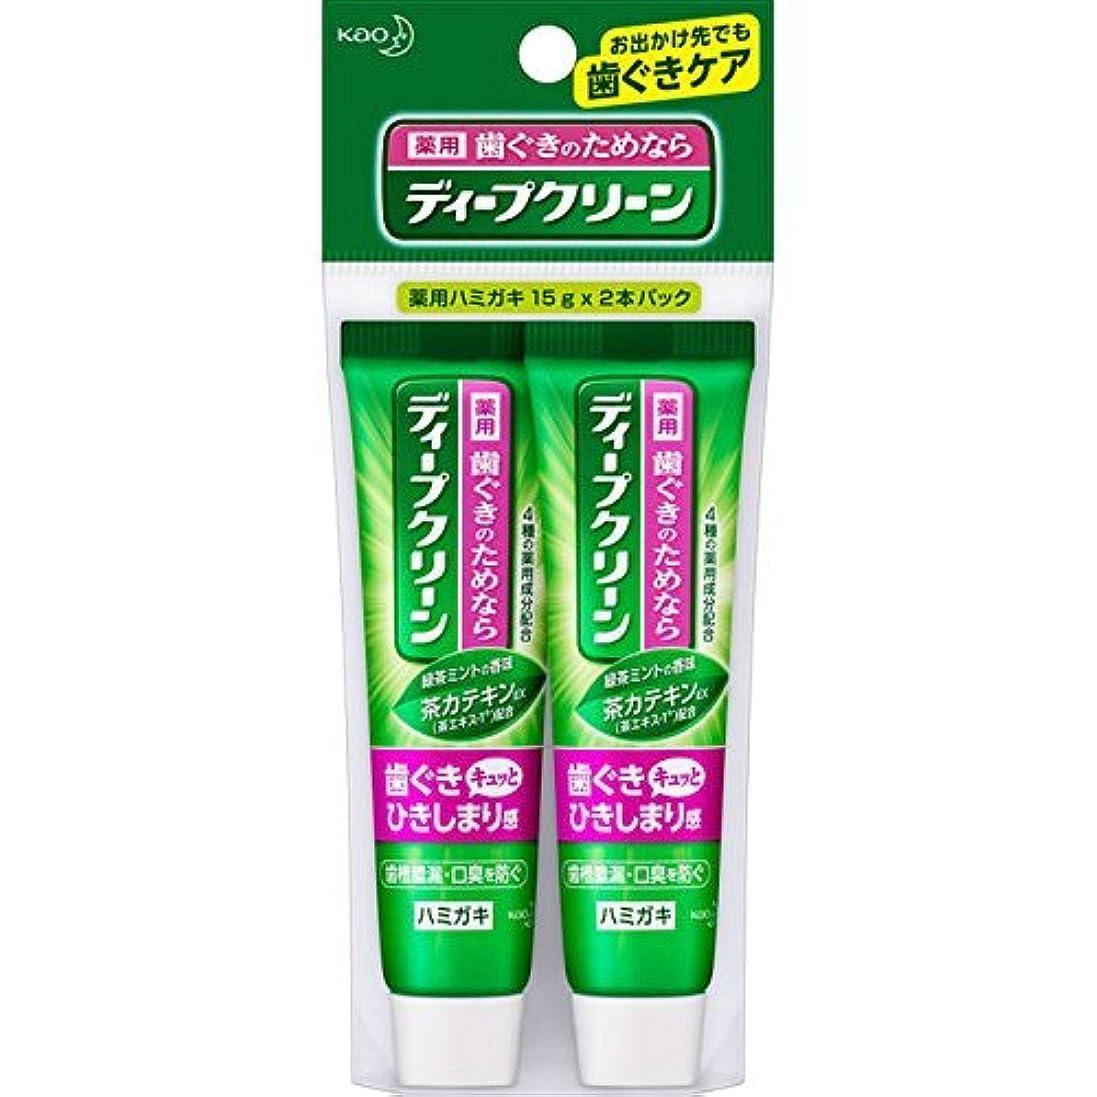 貸す手首乱雑な花王 ディープクリーン 薬用ハミガキ ミニ 30g (医薬部外品)